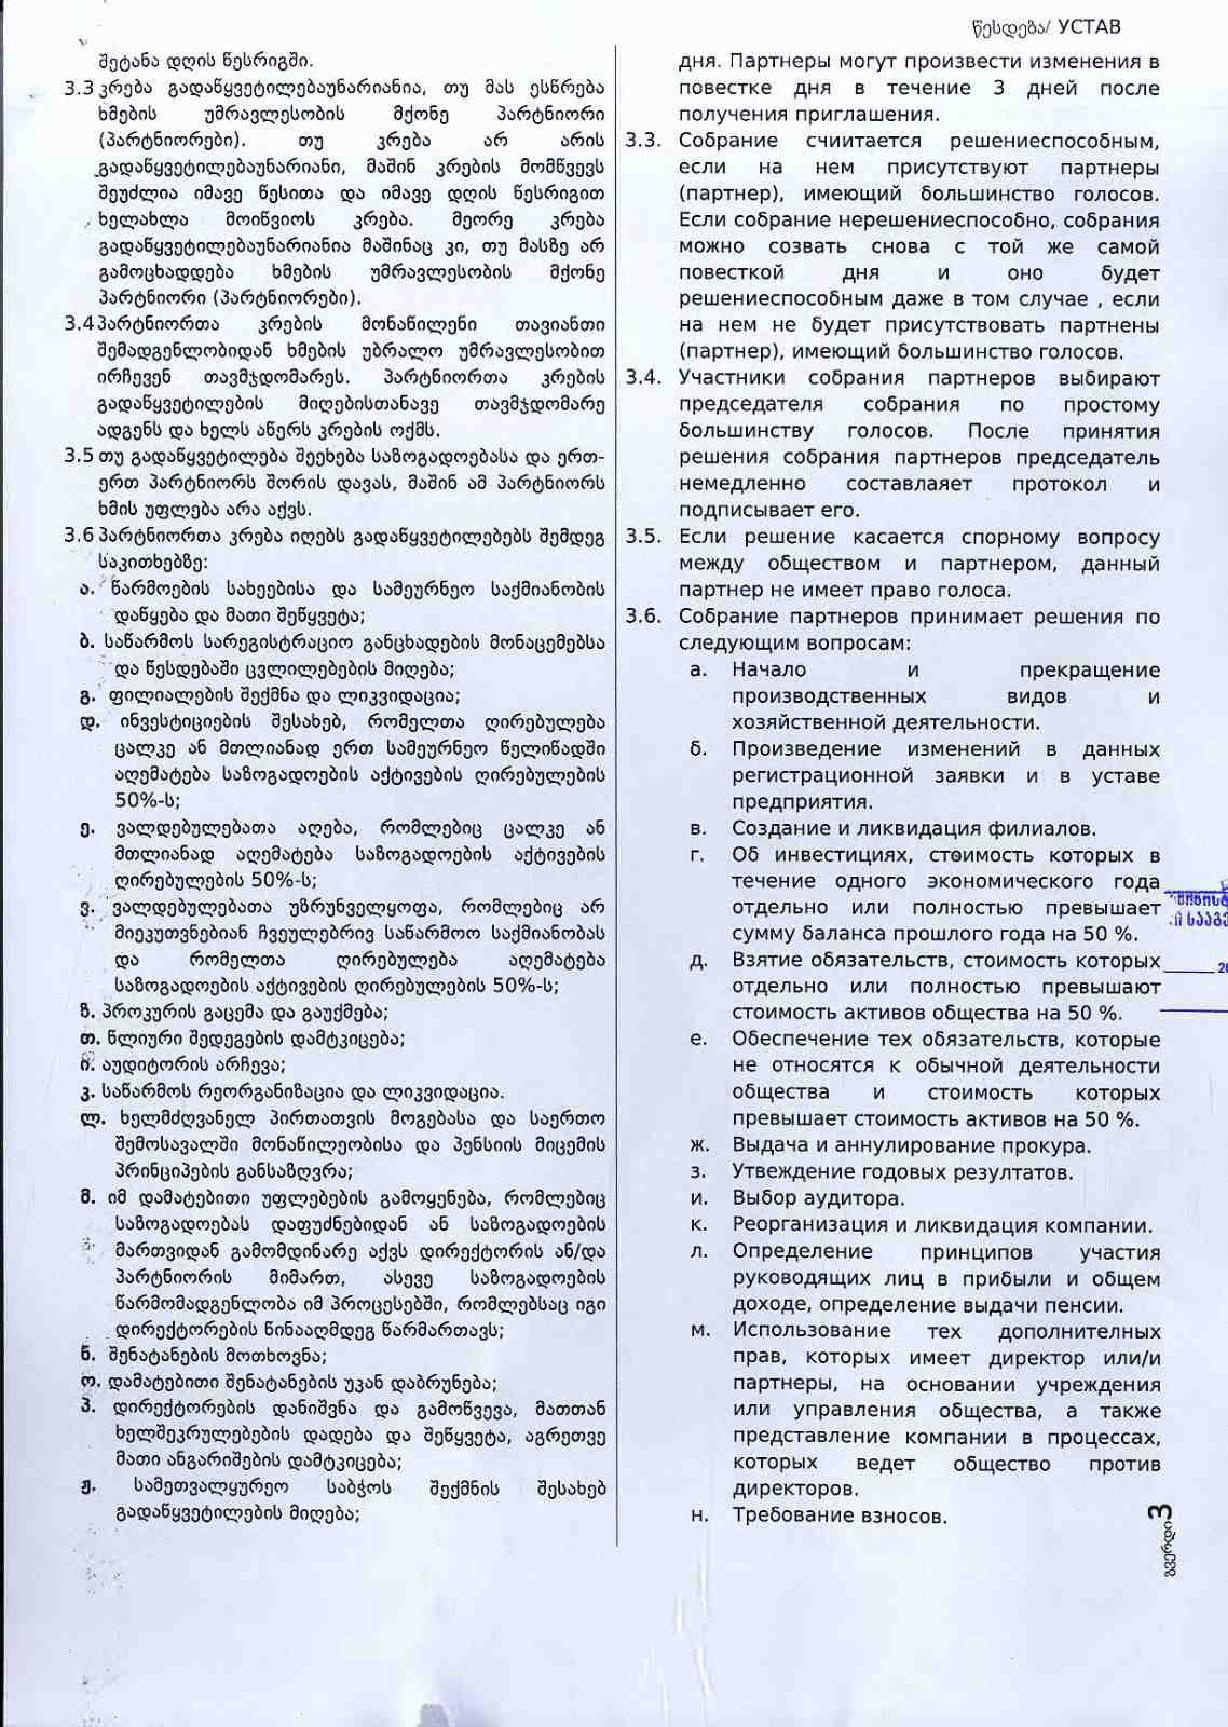 Оффшор для IT-бизнеса в Грузии: лайфхаки и подводные камни - 4